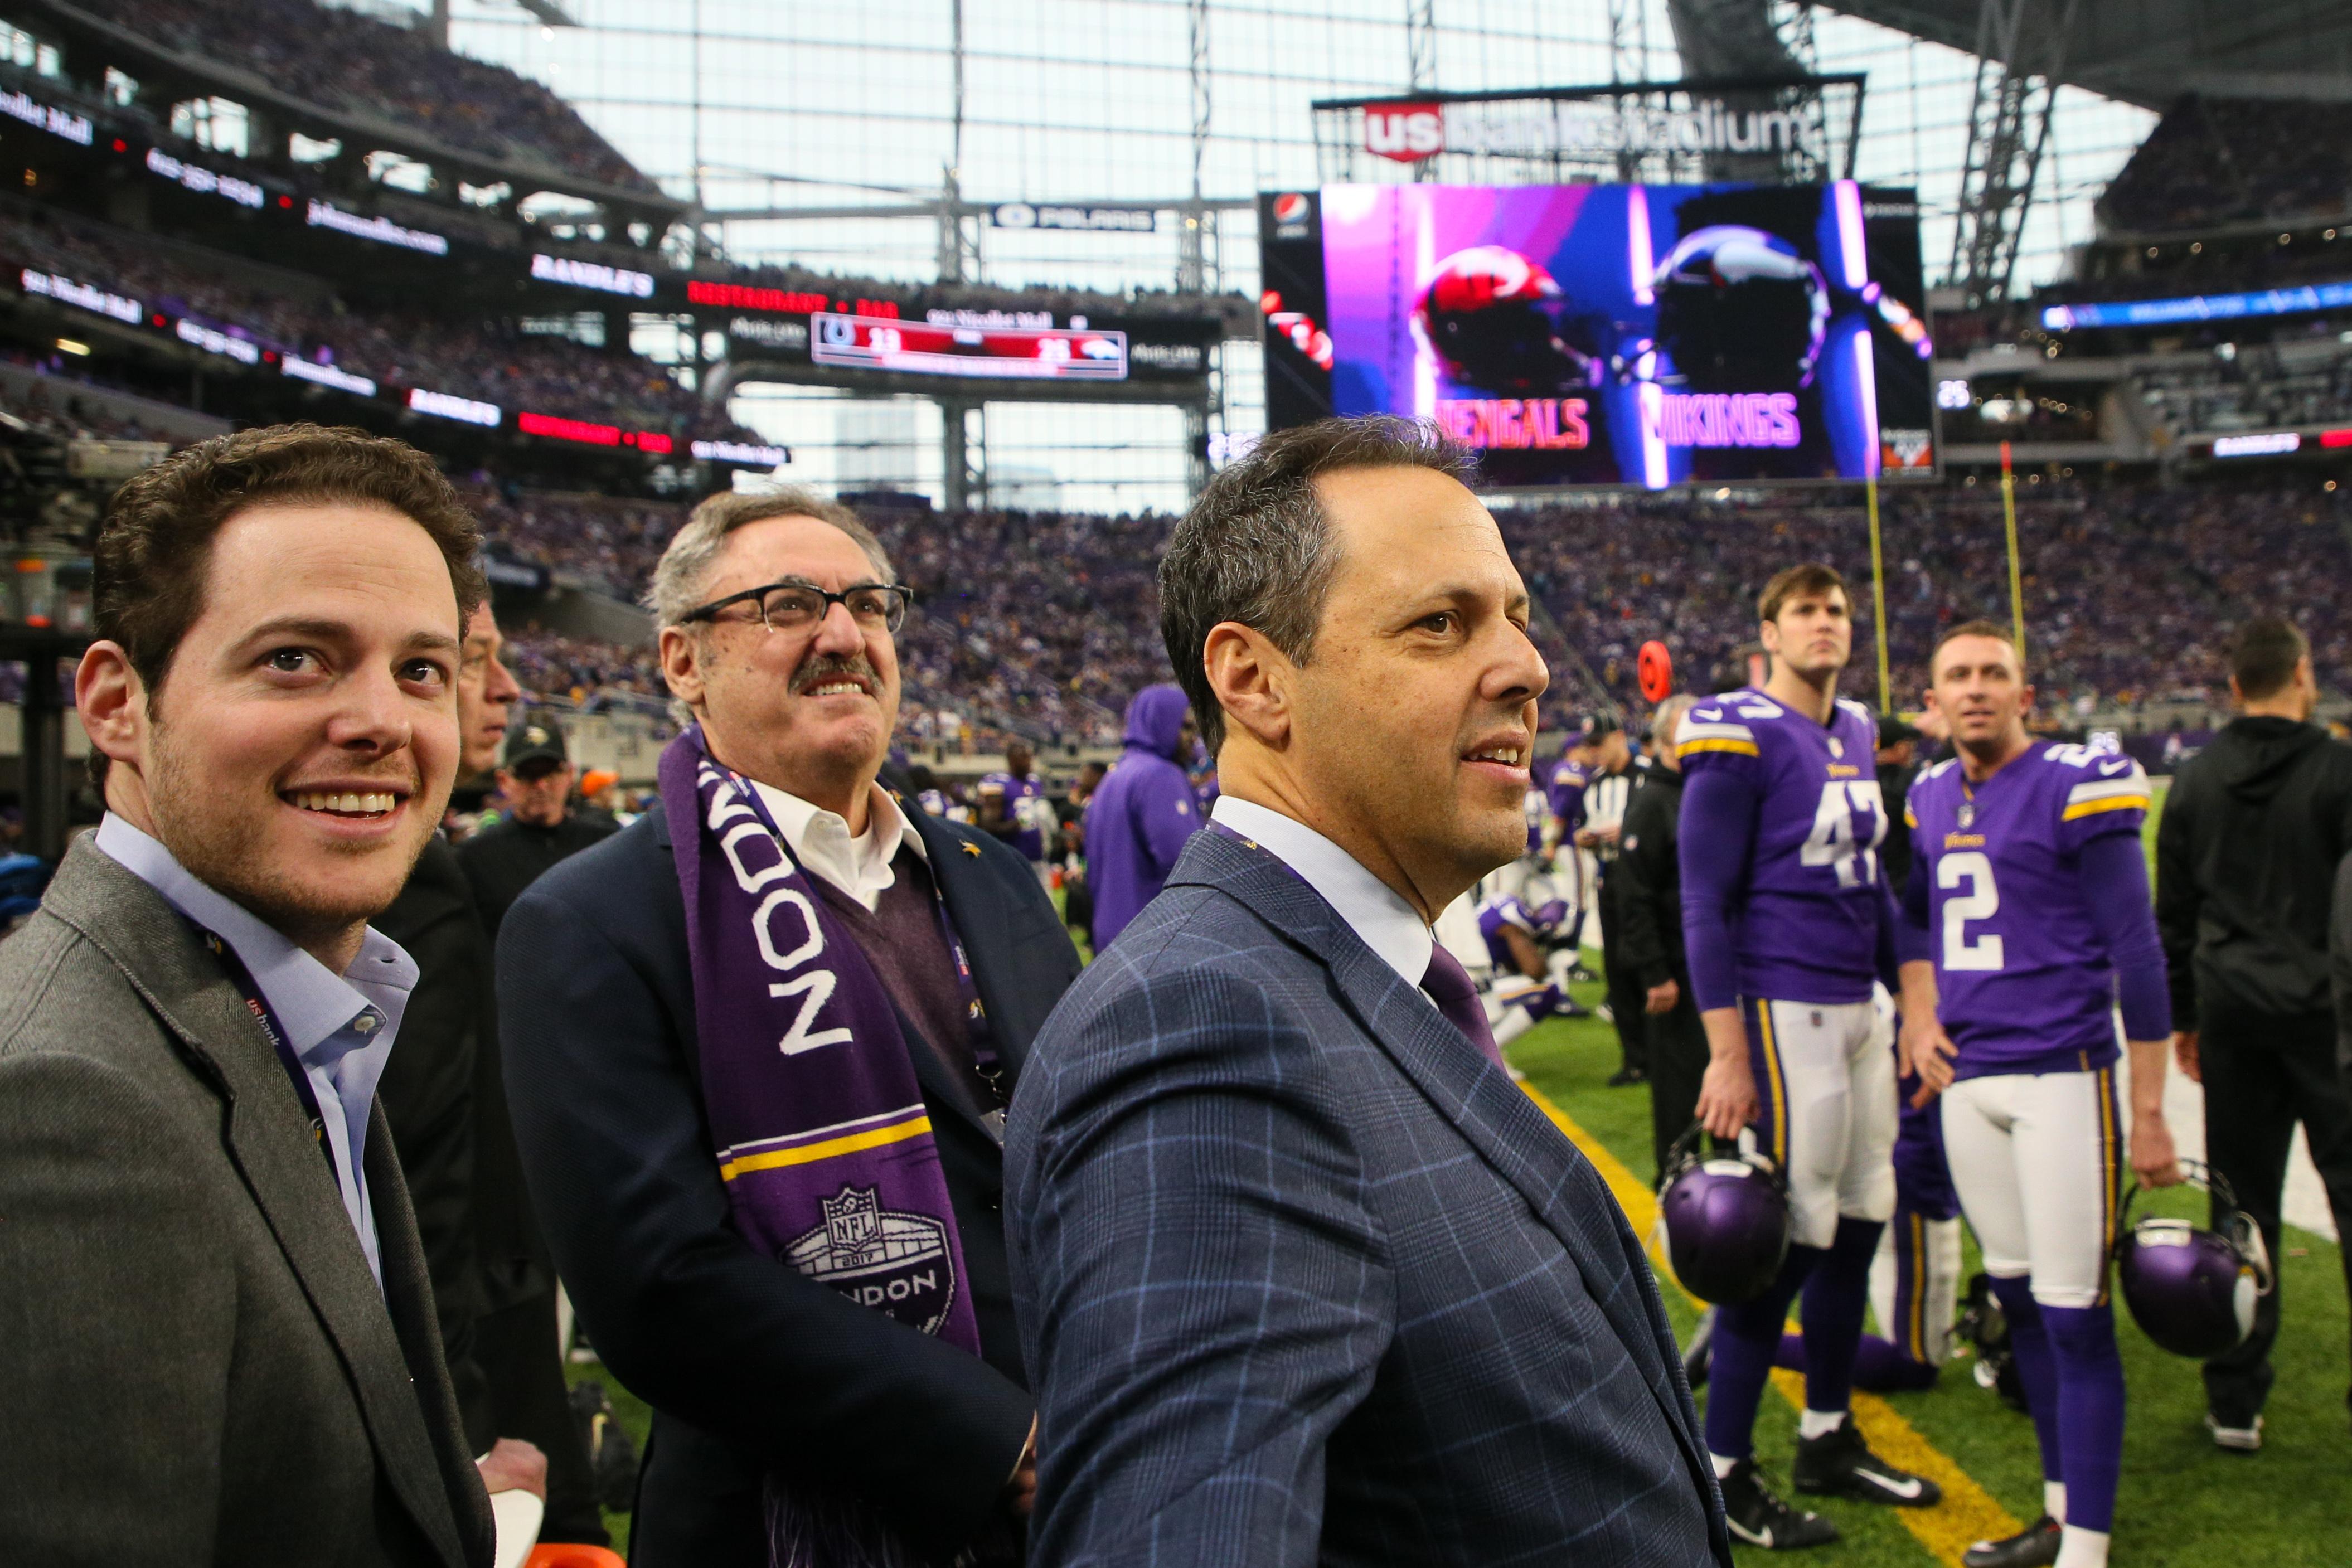 NFL: DEC 17 Bengals at Vikings